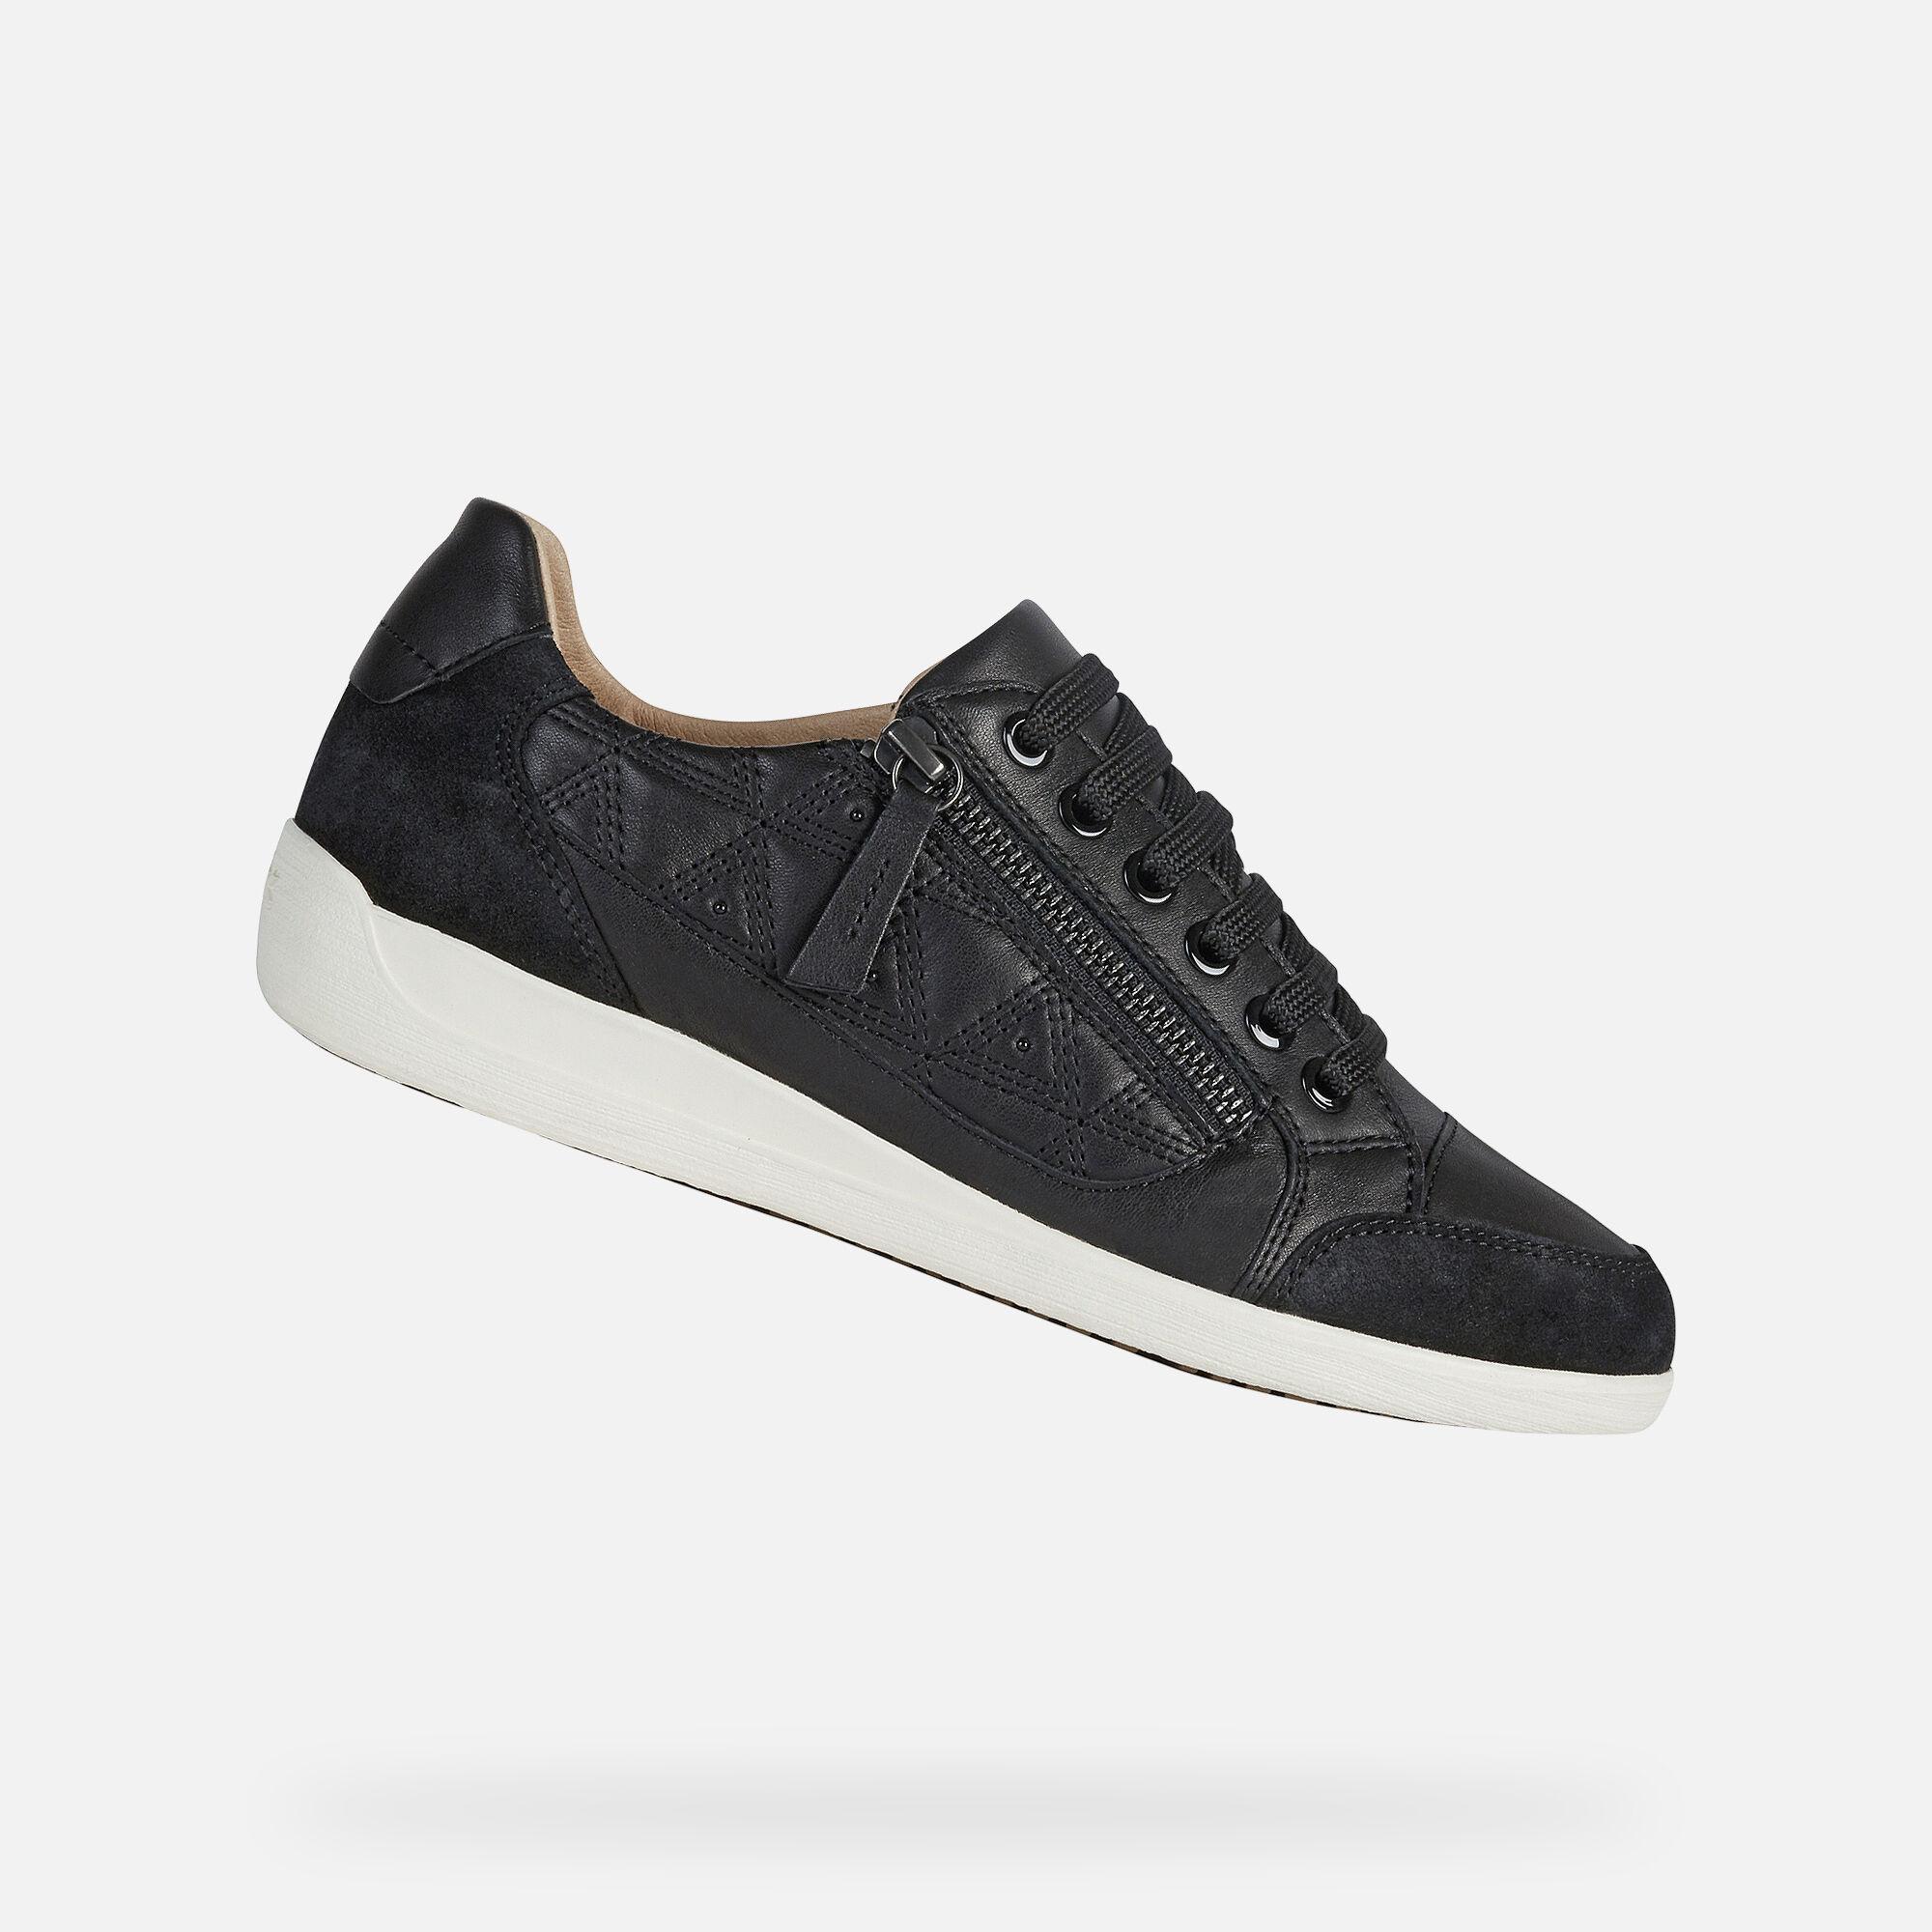 Geox MYRIA Woman: Black Sneakers | Geox